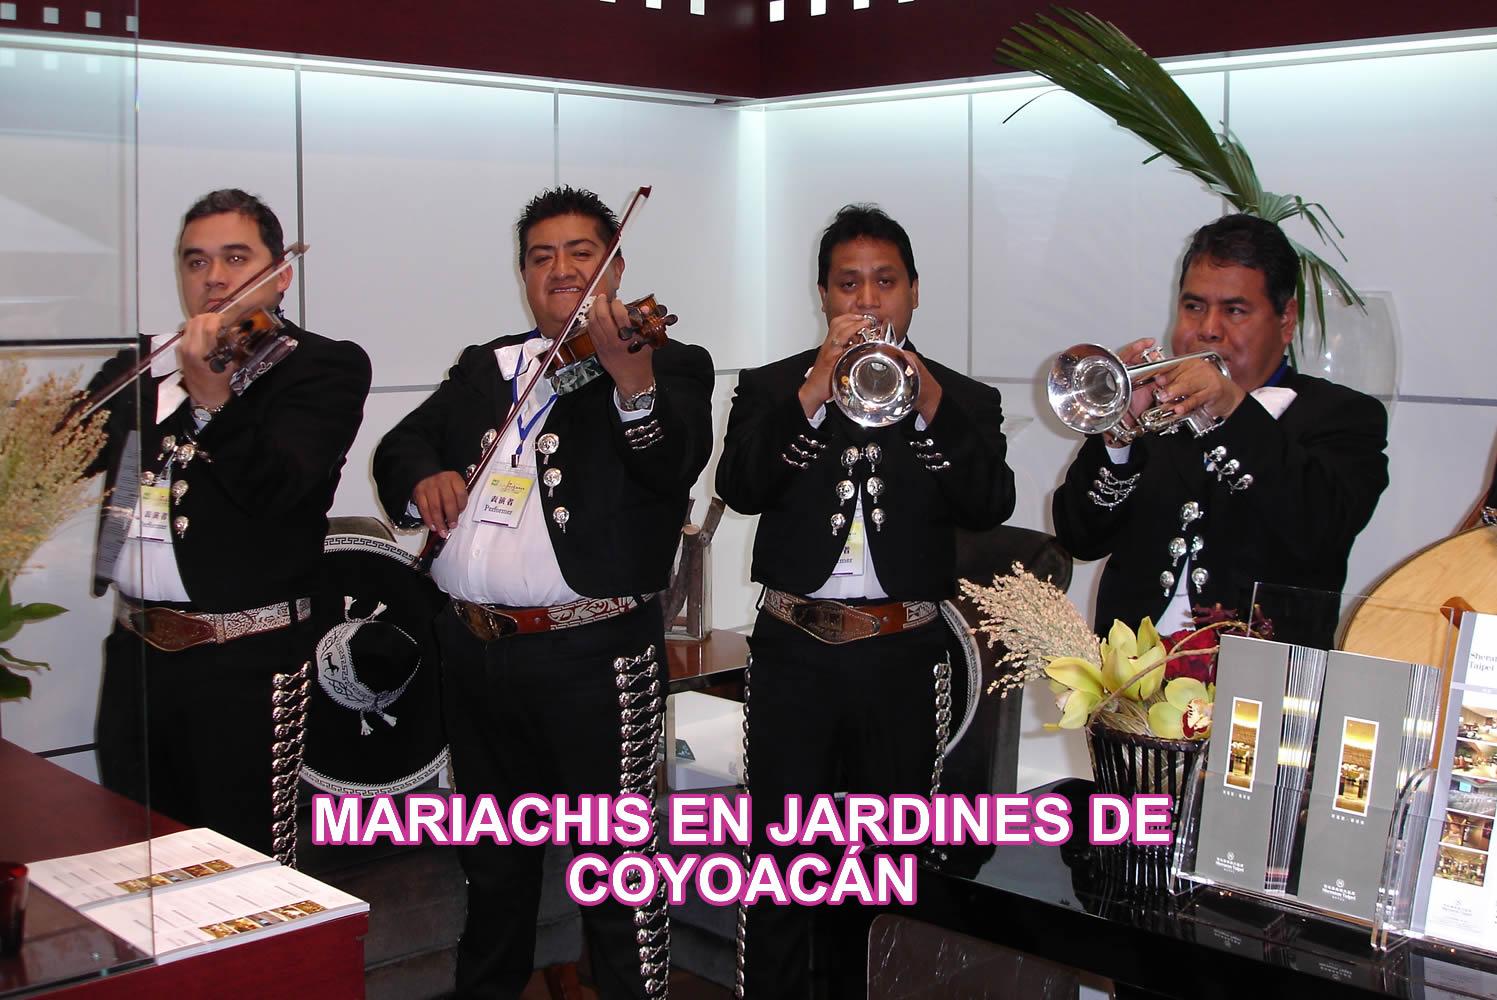 Mariachis en la Colonia Jardines de Coyoacán